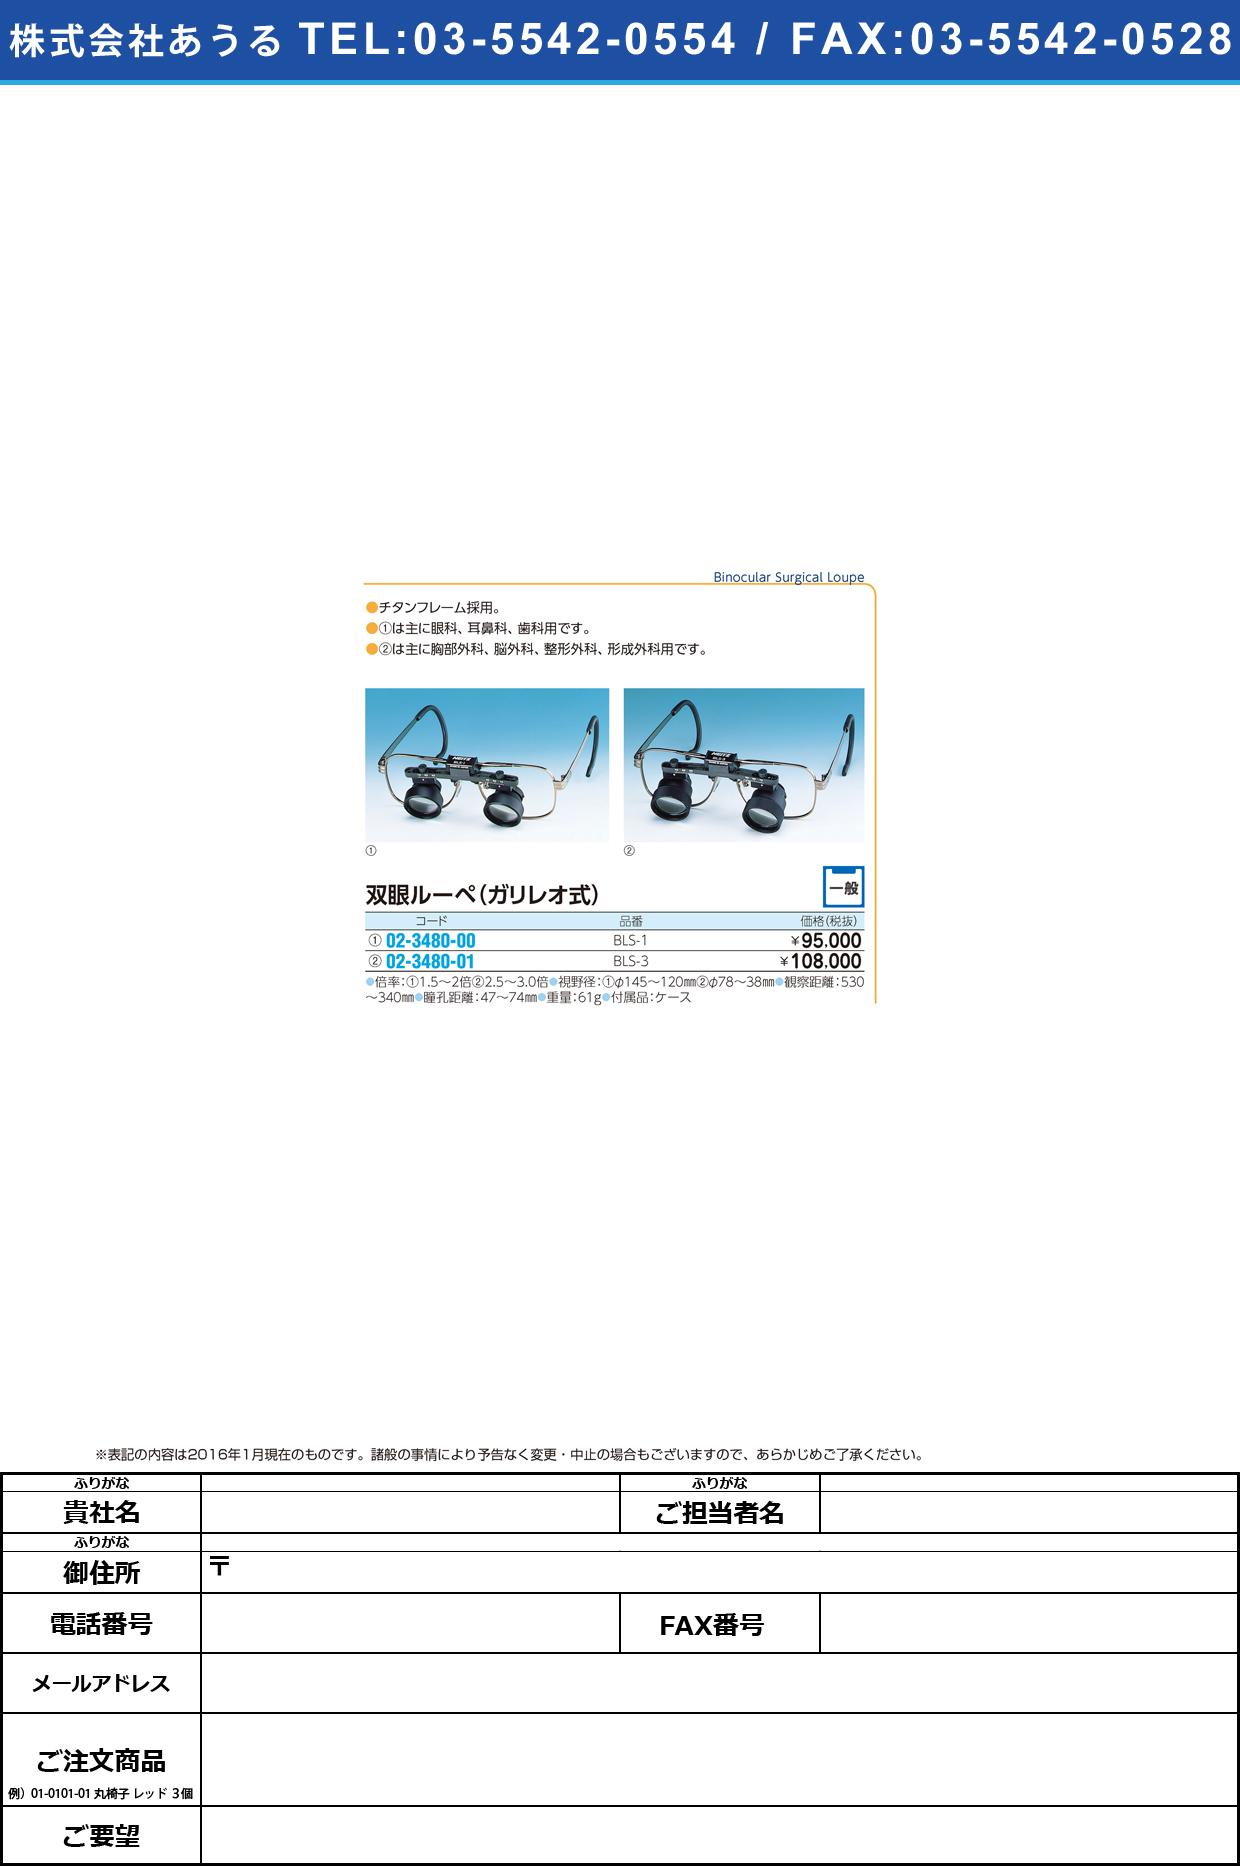 双眼ルーペ ソウガンルーペ BLS-1【1個単位】【2016年カタログ商品】